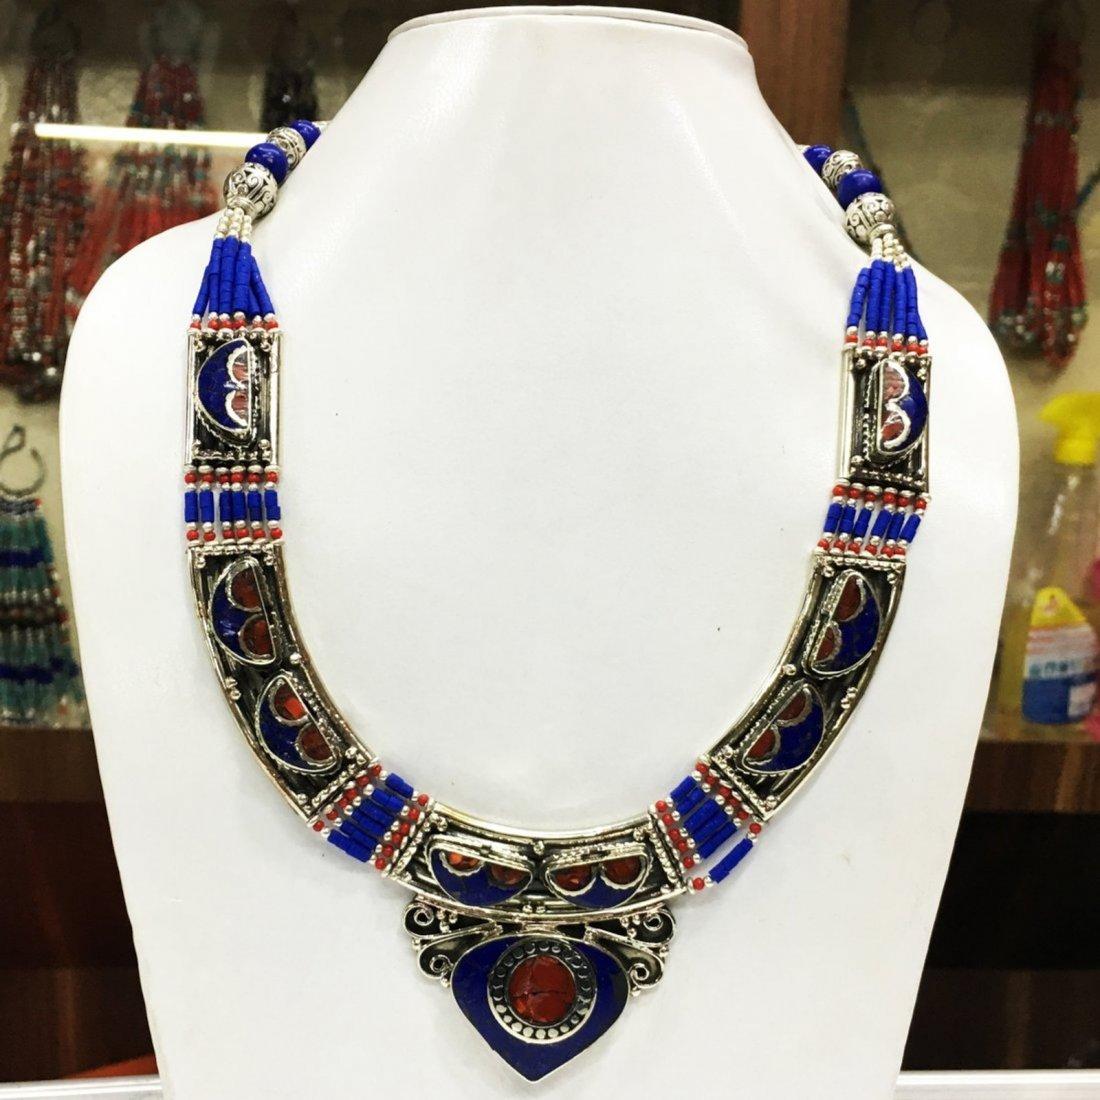 Exquisite Vintage Tibetan Handmade Necklace